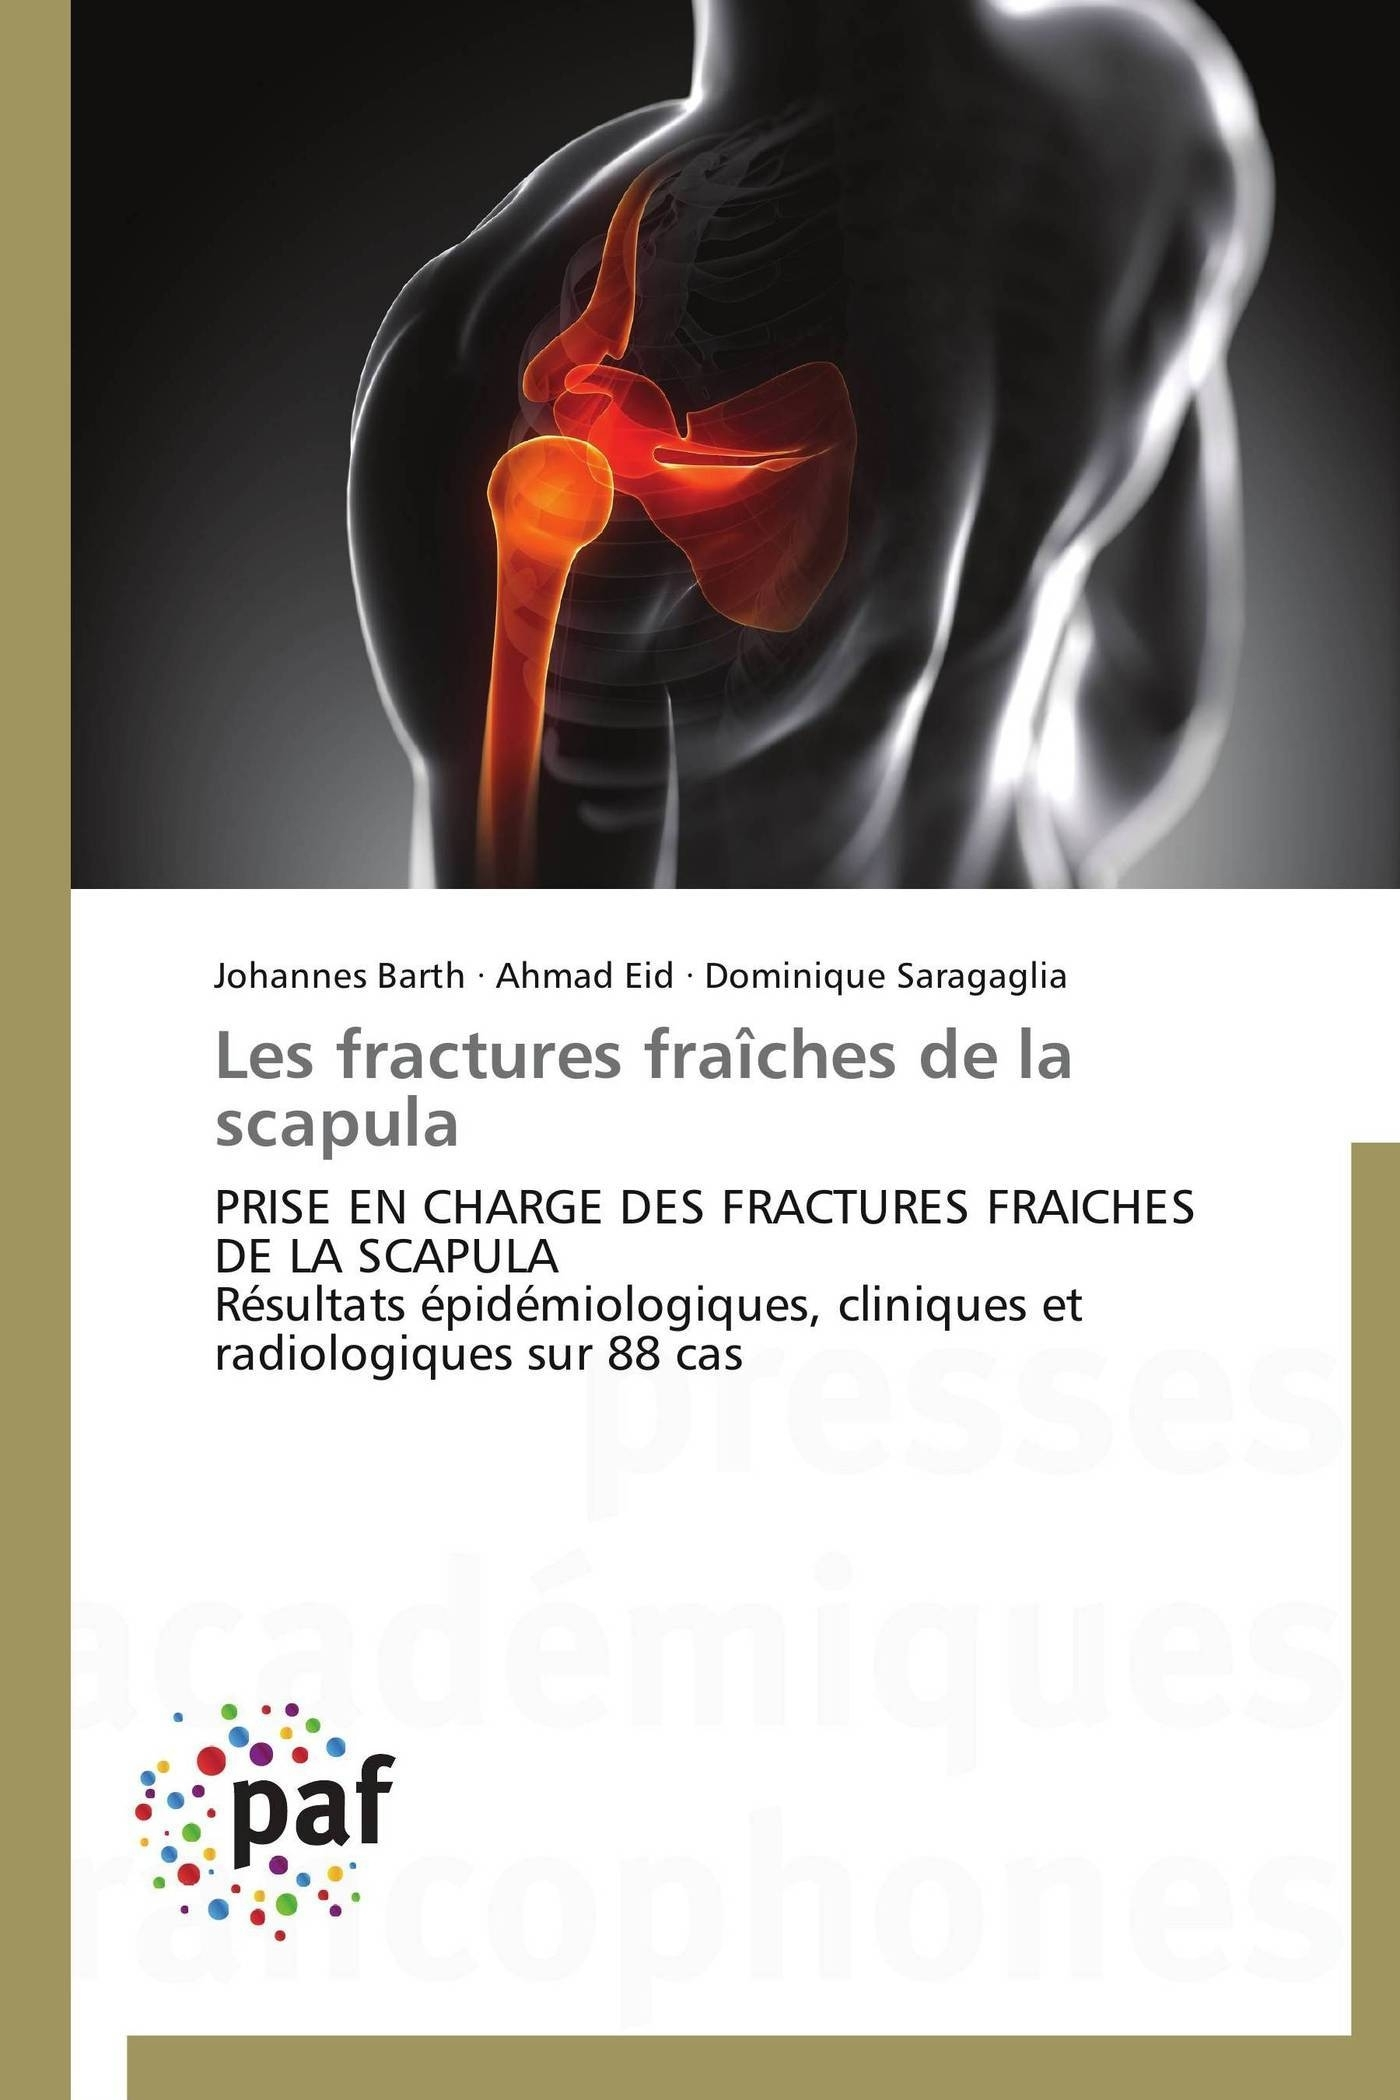 LES FRACTURES FRAICHES DE LA SCAPULA